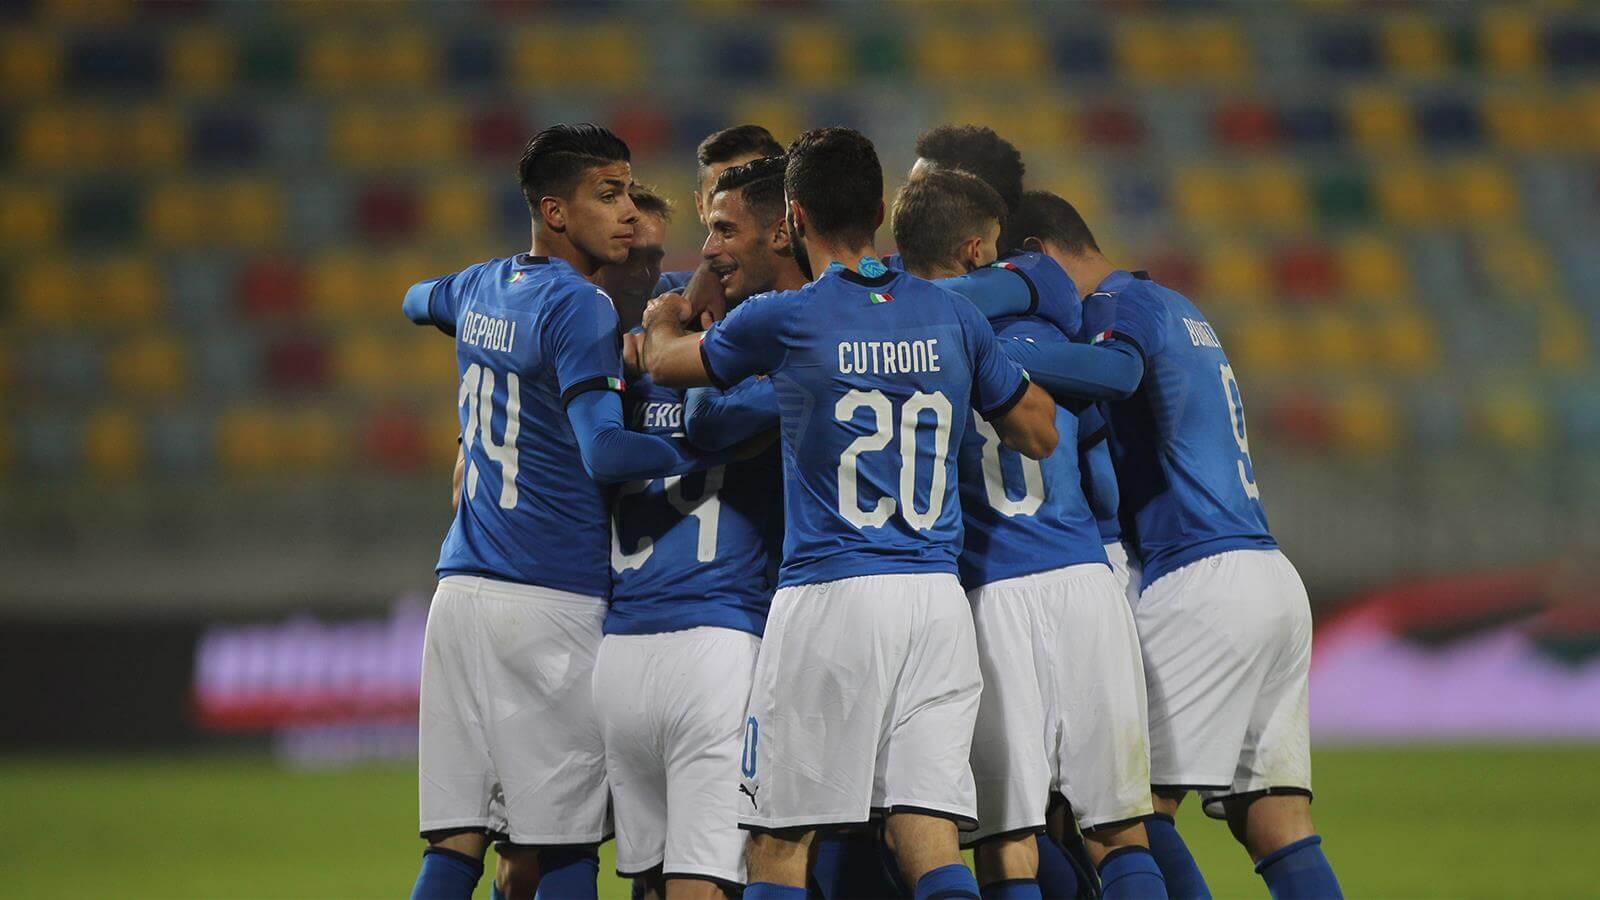 La UEFA Championship Under 21 in Friuli Venezia Giulia